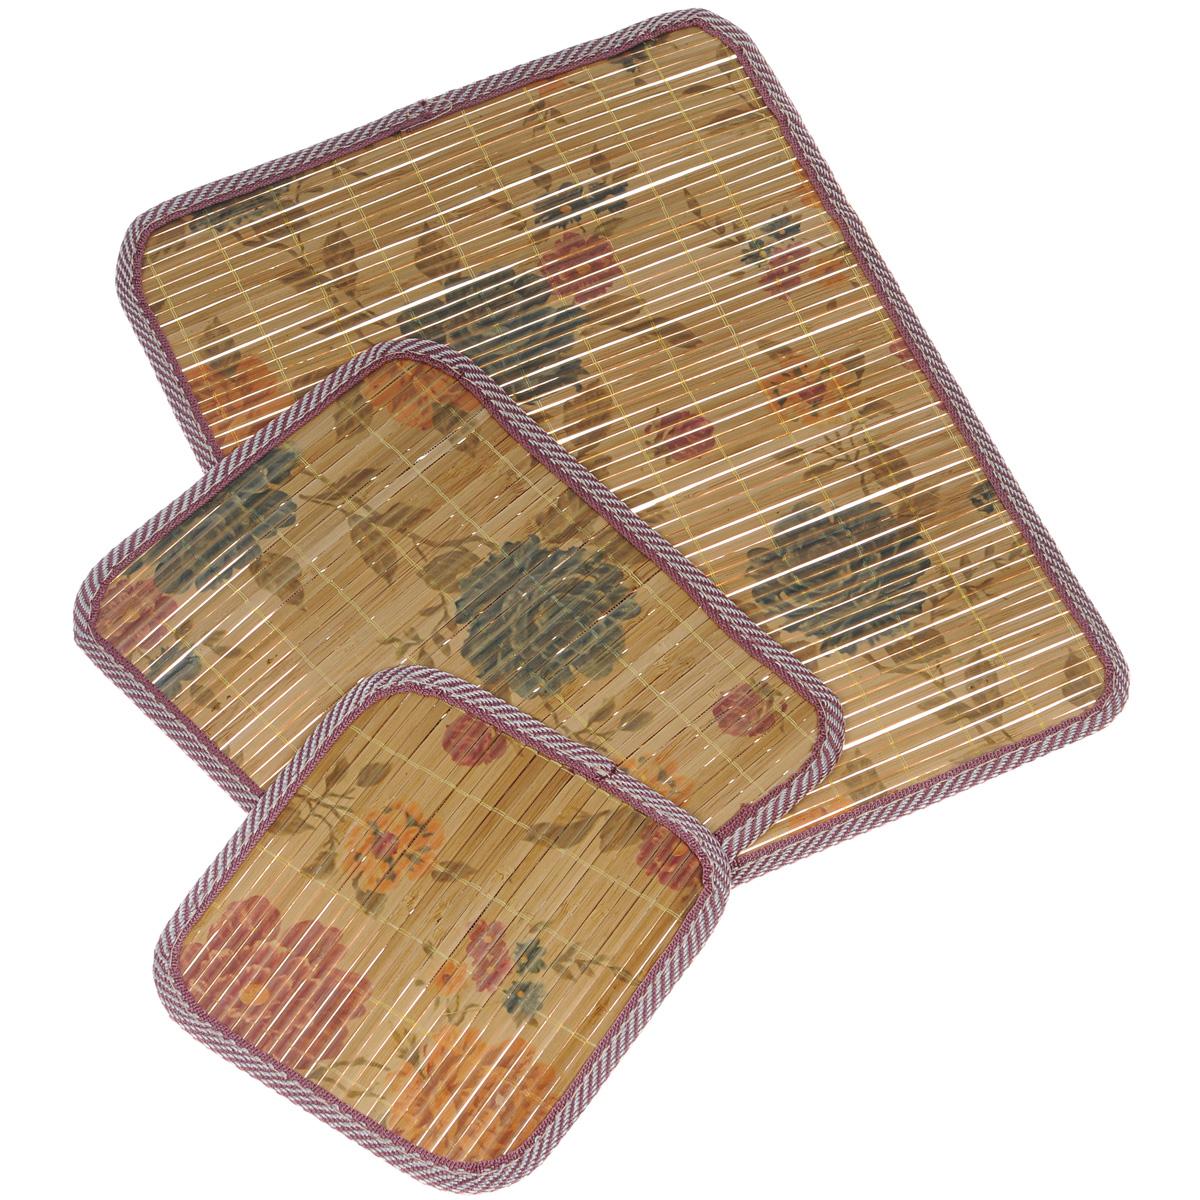 Набор салфеток под горячее Dommix, цвет: коричневый, 3 шт. OW041694538Набор Dommix, состоящий из 3 бамбуковых салфеток под горячее, идеально впишется в интерьер современной кухни. Изделия декорированы изображением цветов. Салфетки из бамбука не впитывают запахи, легко моются, не деформируются при длительном использовании. Бамбук обладает антибактериальными и водоотталкивающими свойствами. Также имеют высокую прочность.Каждая хозяйка знает, что салфетка под горячее - это незаменимый и очень полезный аксессуар на каждой кухне. Ваш стол будет не только украшен оригинальной салфеткой, но и сбережен от воздействия высоких температур ваших кулинарных шедевров. Размер маленькой салфетки: 18 см х 18,5 см х 0,2 см.Размер средней салфетки: 27,5 см х 20,5 см х 0,2 см.Размер большой салфетки: 39 см х 30 см х 0,2 см.